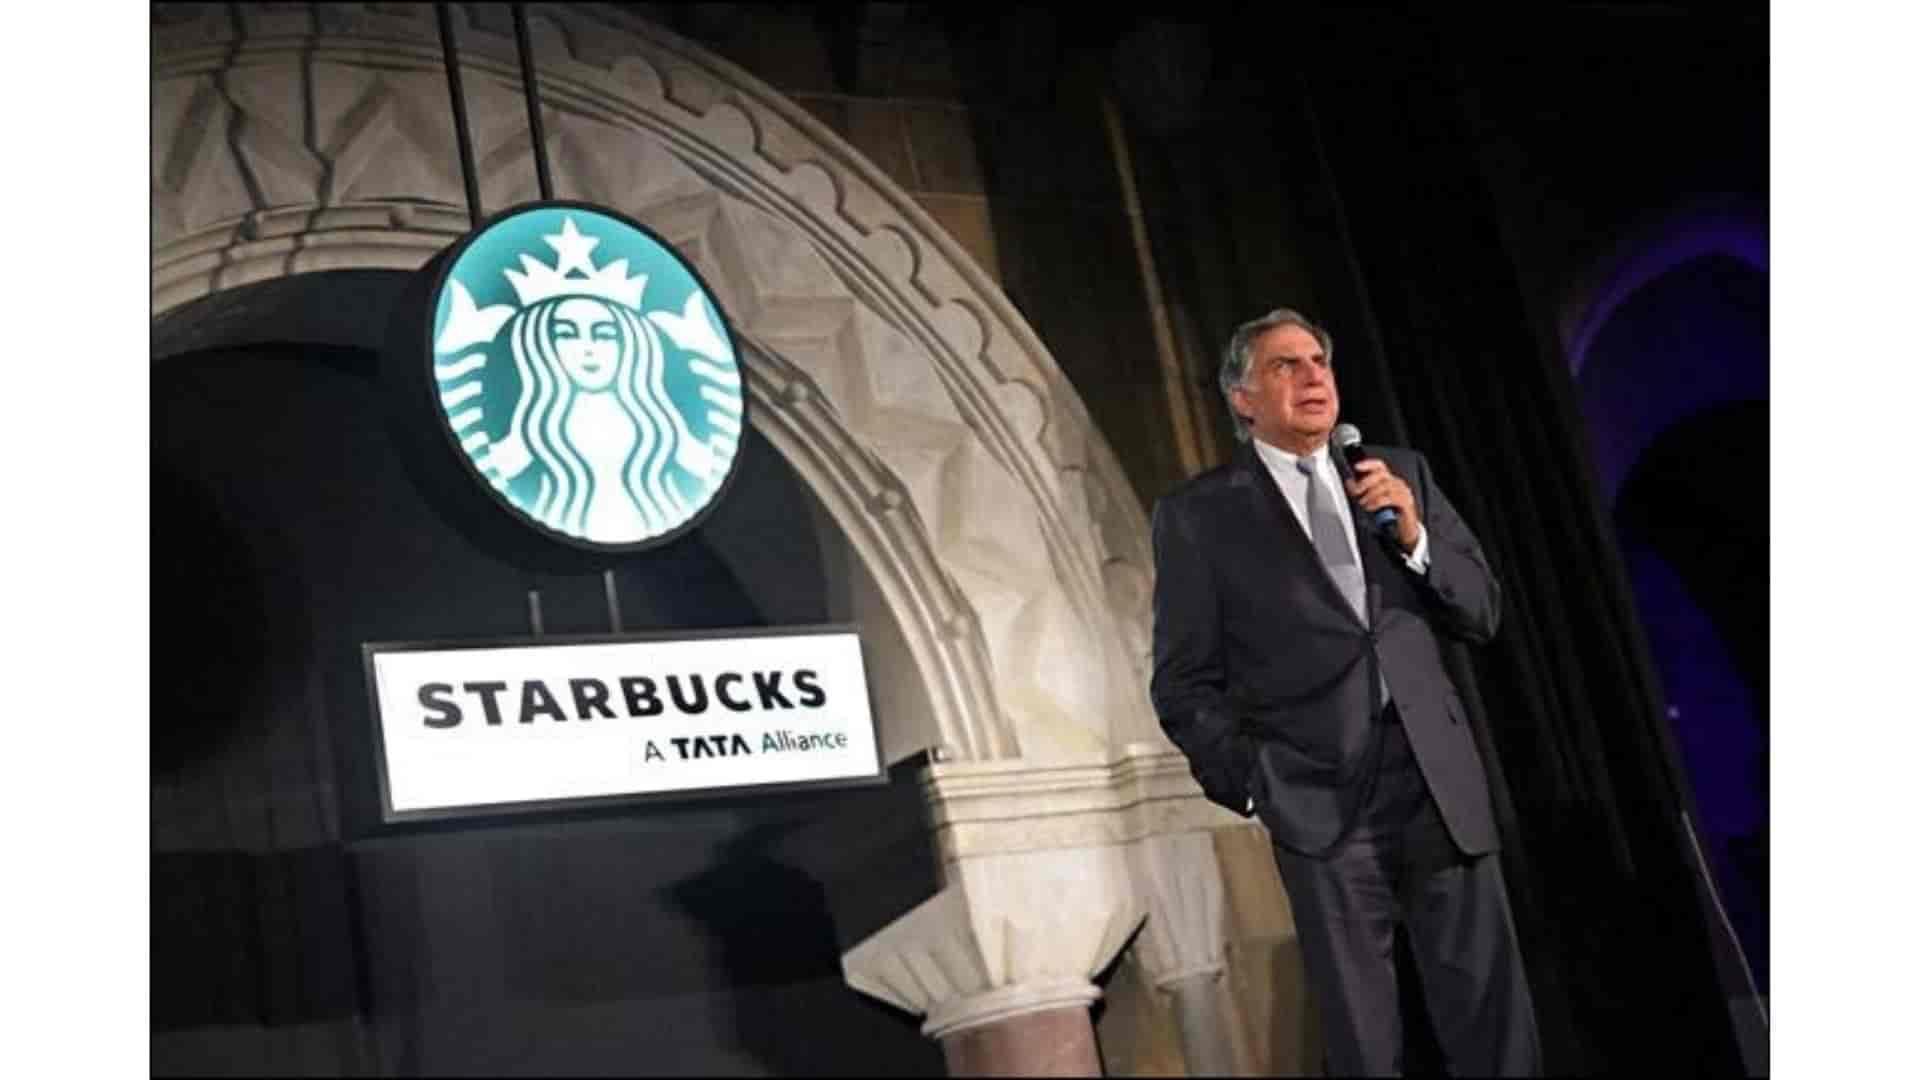 Starbucks A Tata Aliance